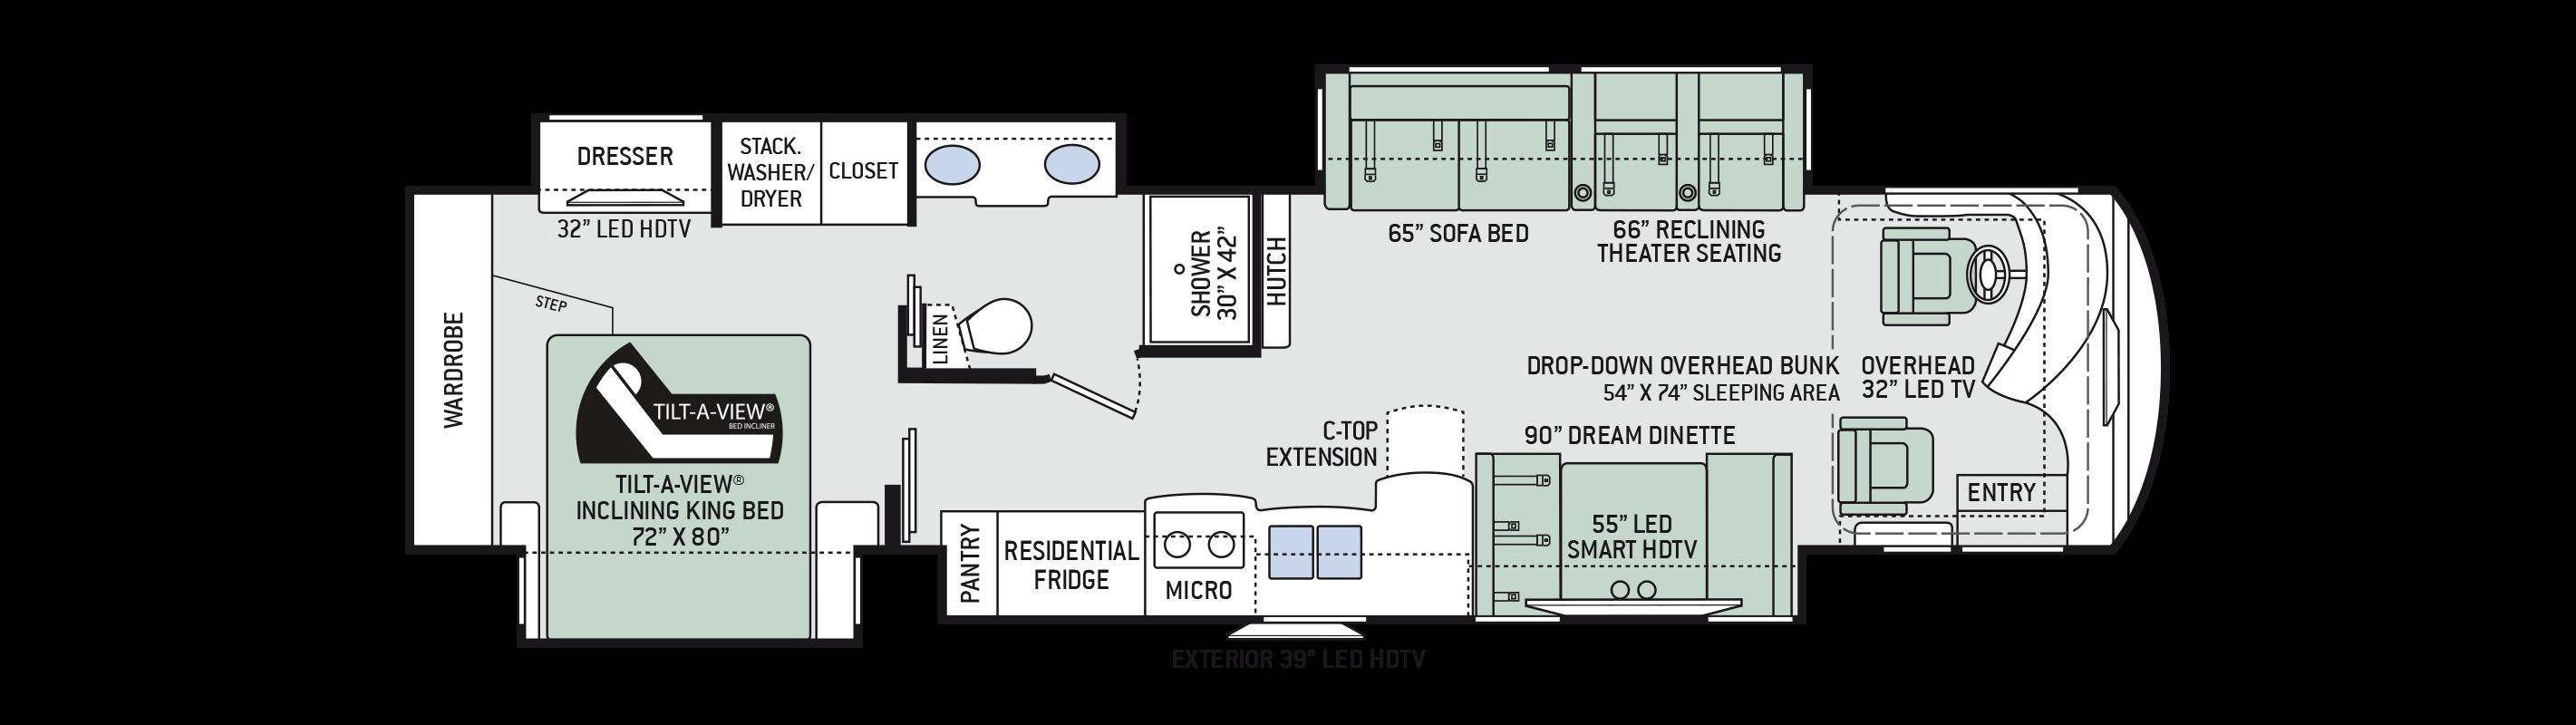 2018-Venetian-S40-Floor-Plan